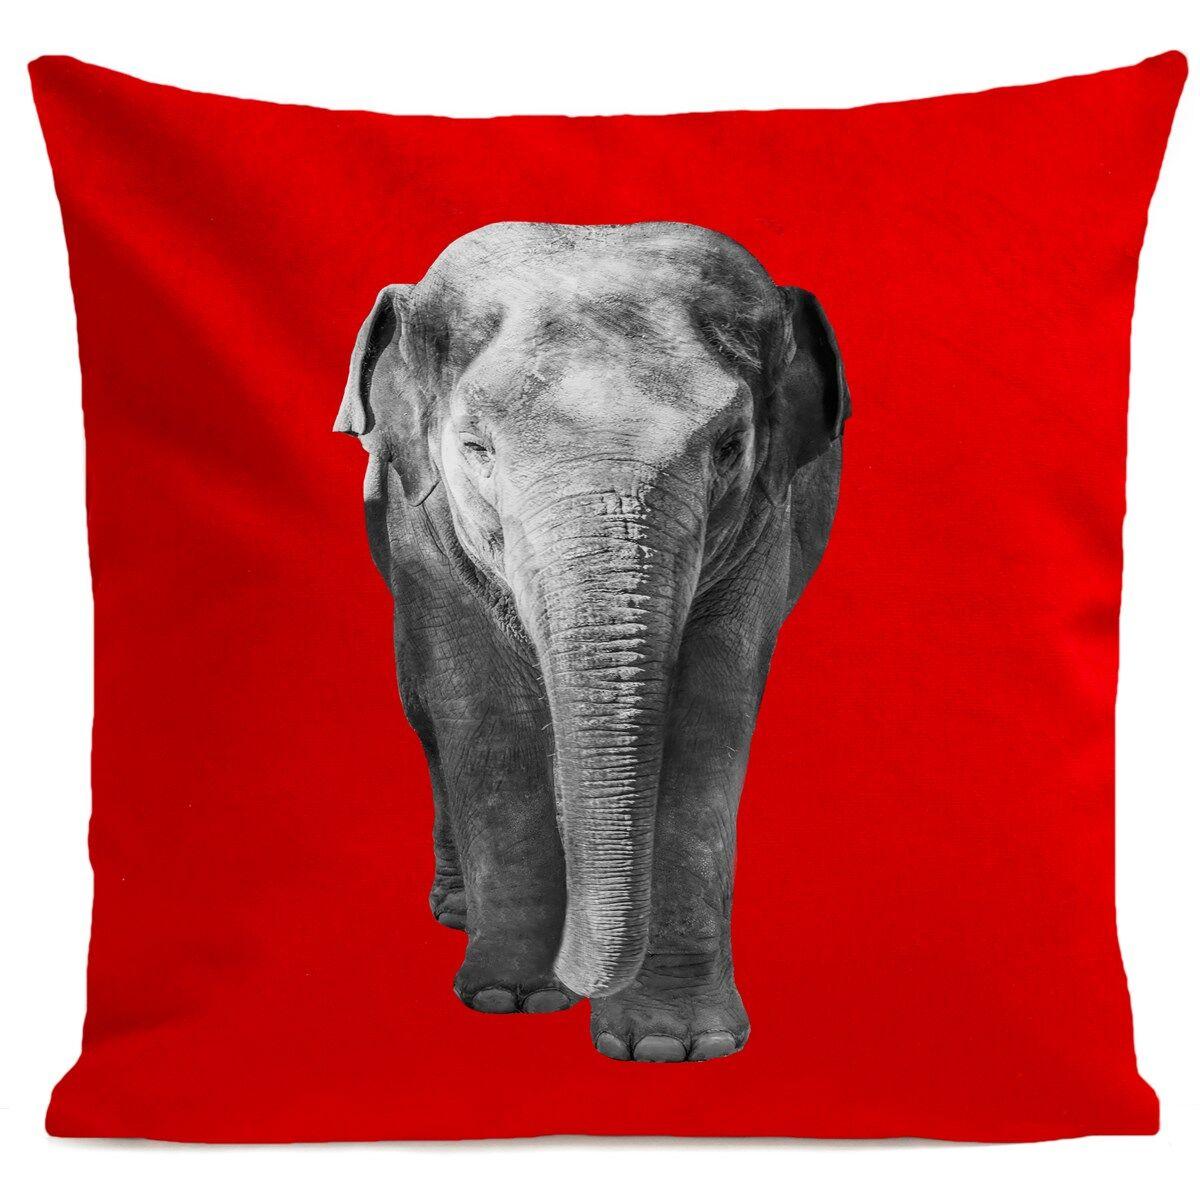 Artpilo Coussin velours carré imprimé animaux rouge 40x40